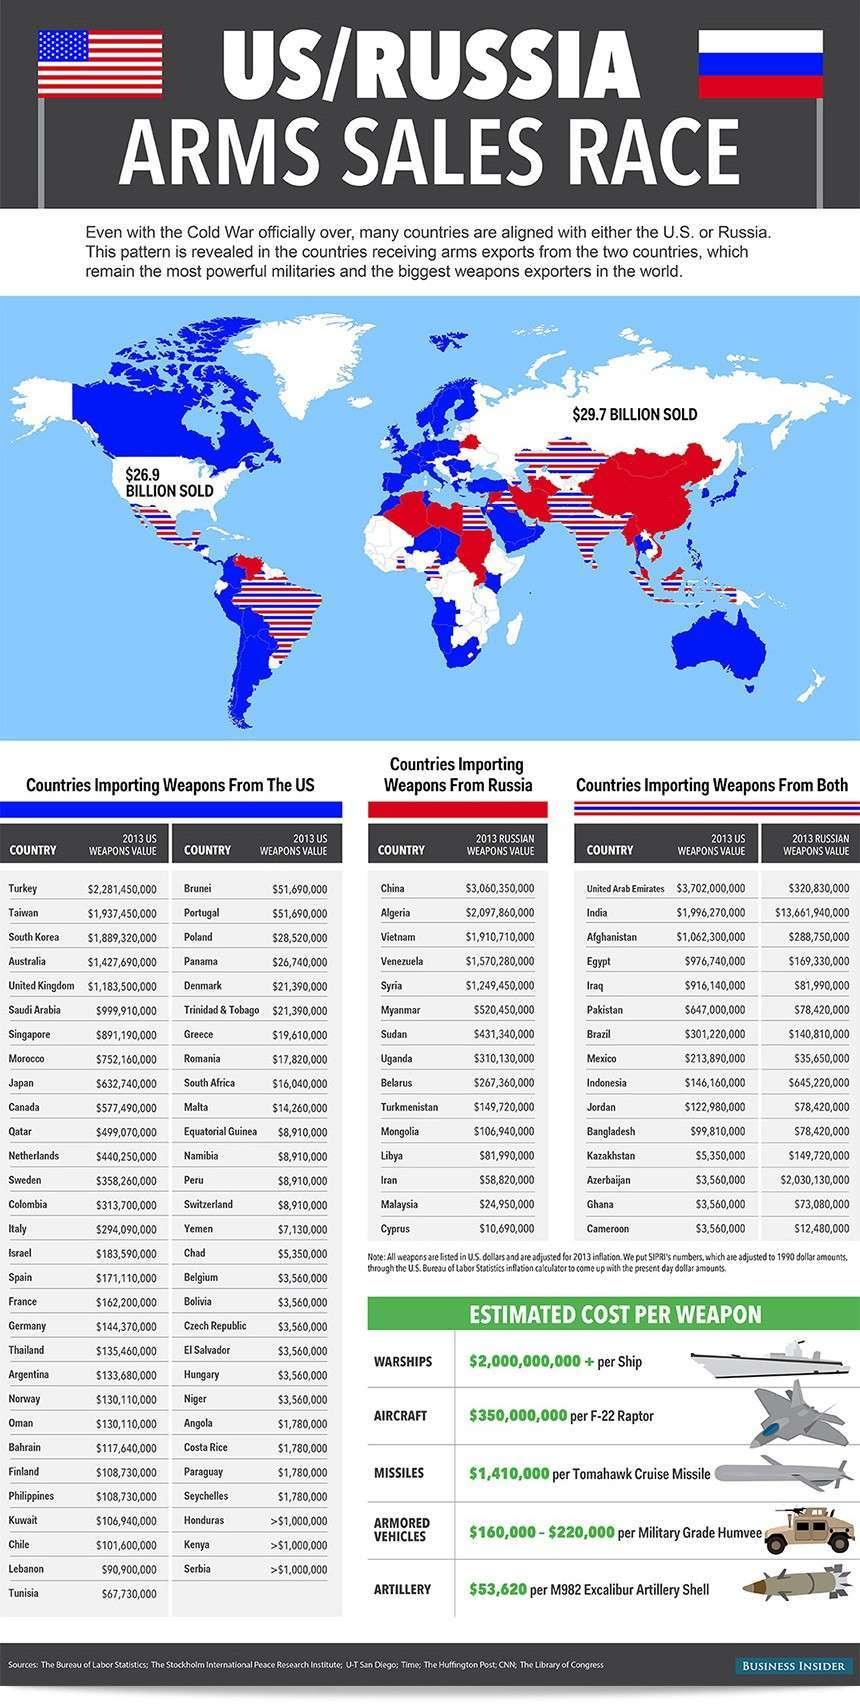 Россия сегодня — мировой технологический лидер вооружений